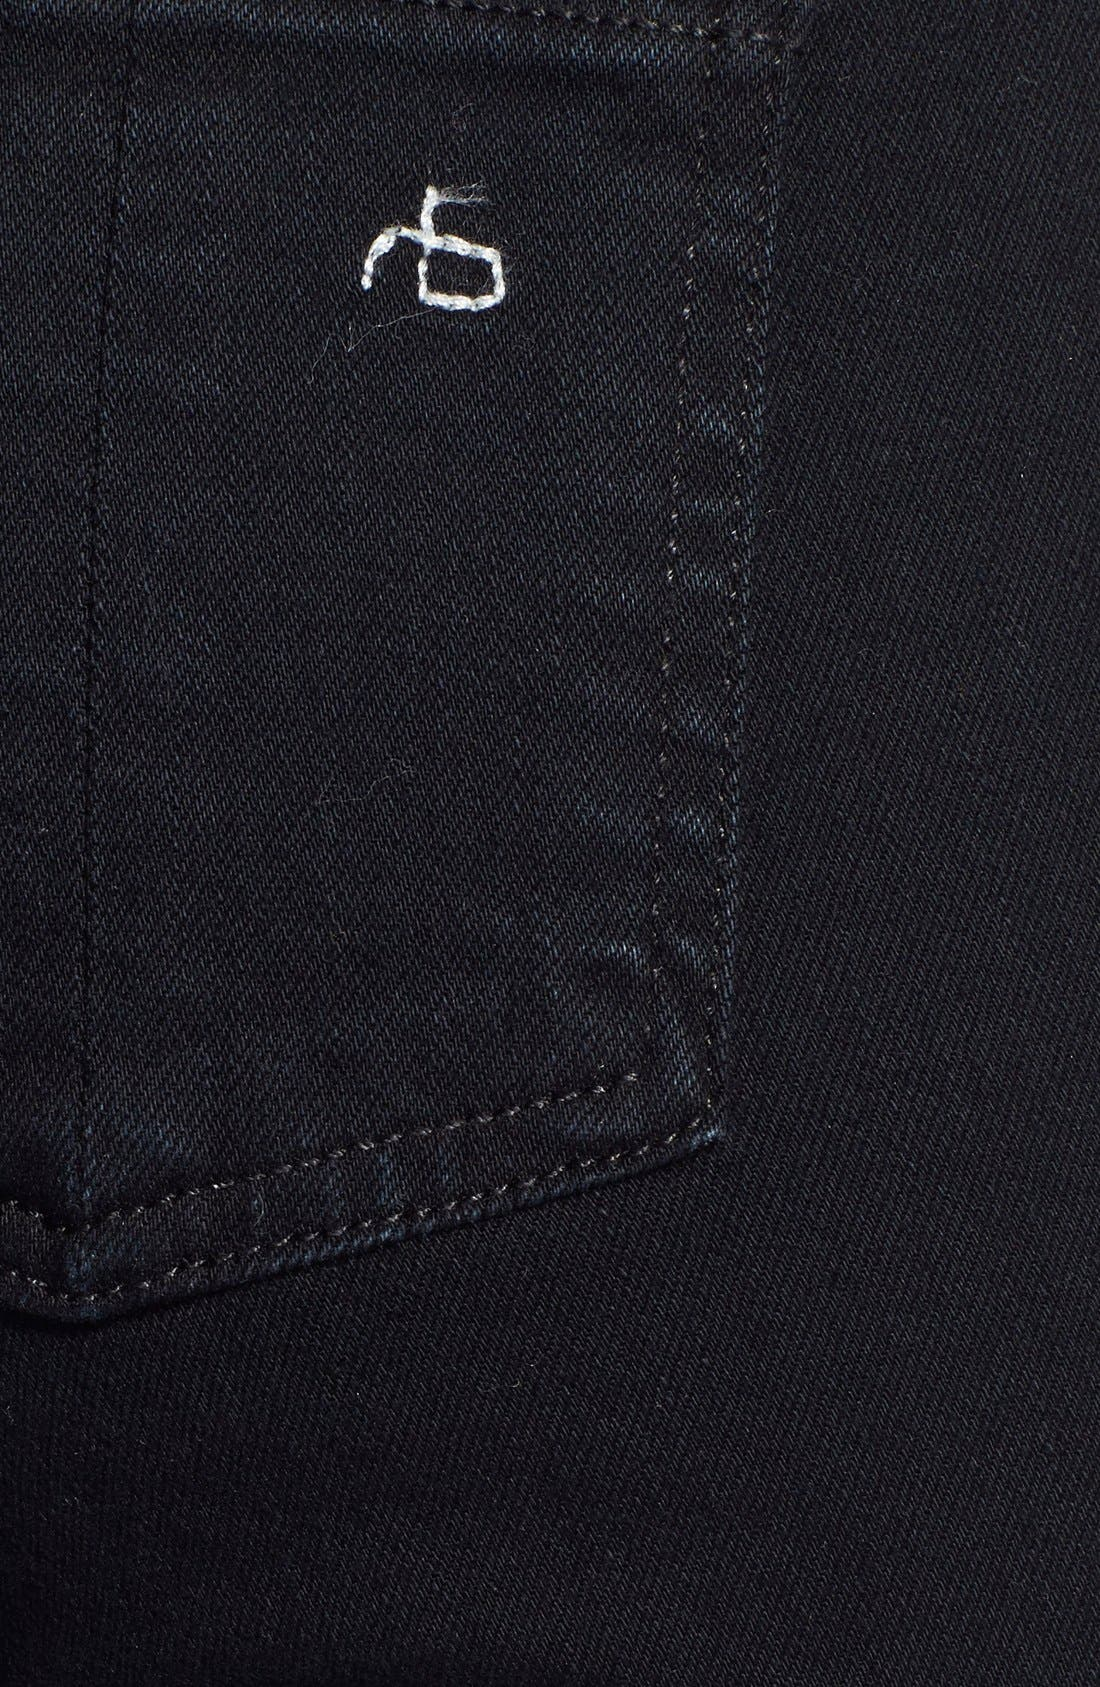 Alternate Image 3  - rag & bone/JEAN 'The Skinny' Stretch Jeans (Coal)